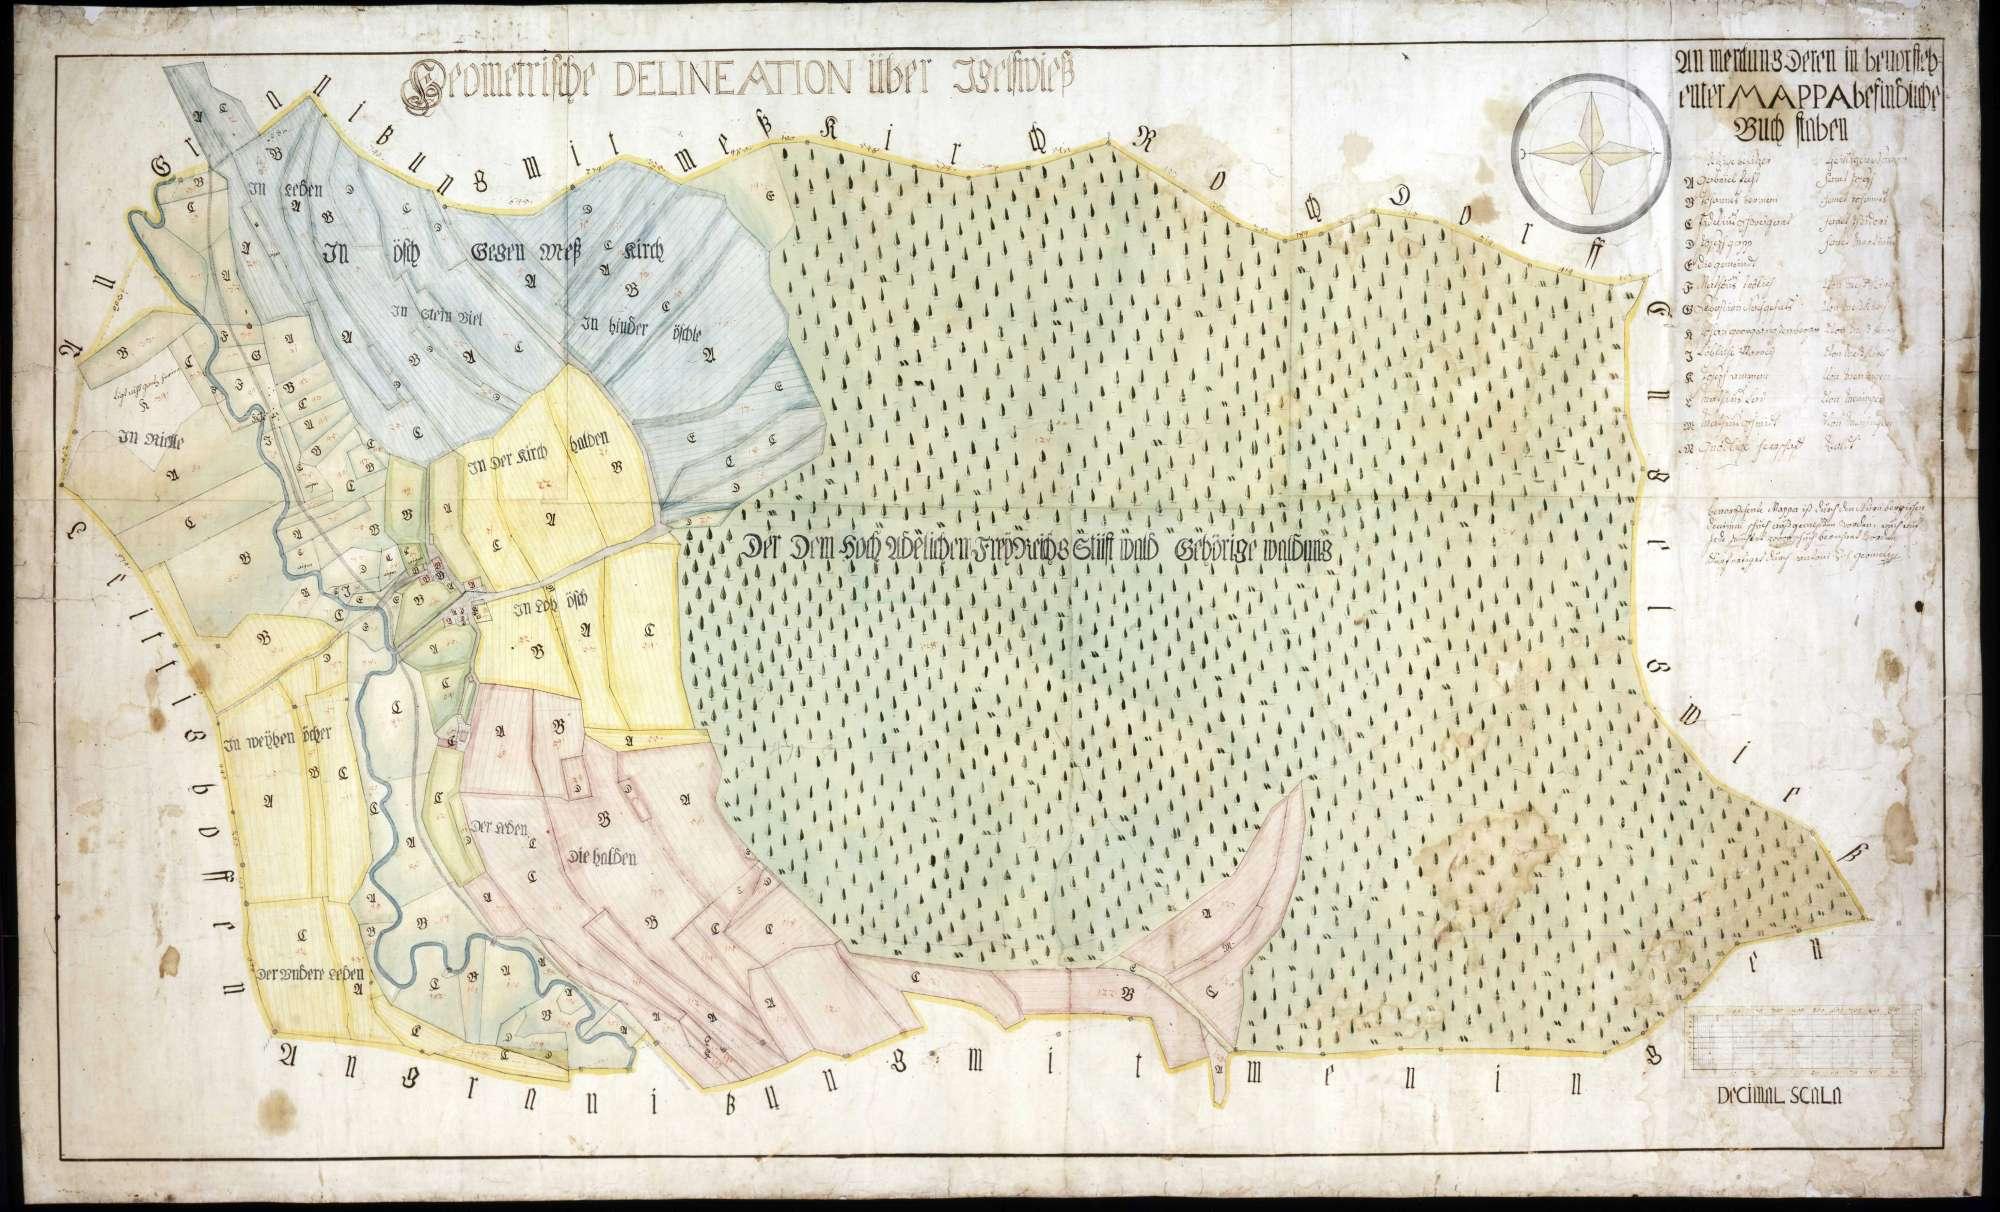 Geometrische Delineation über Igelswies, Bild 1